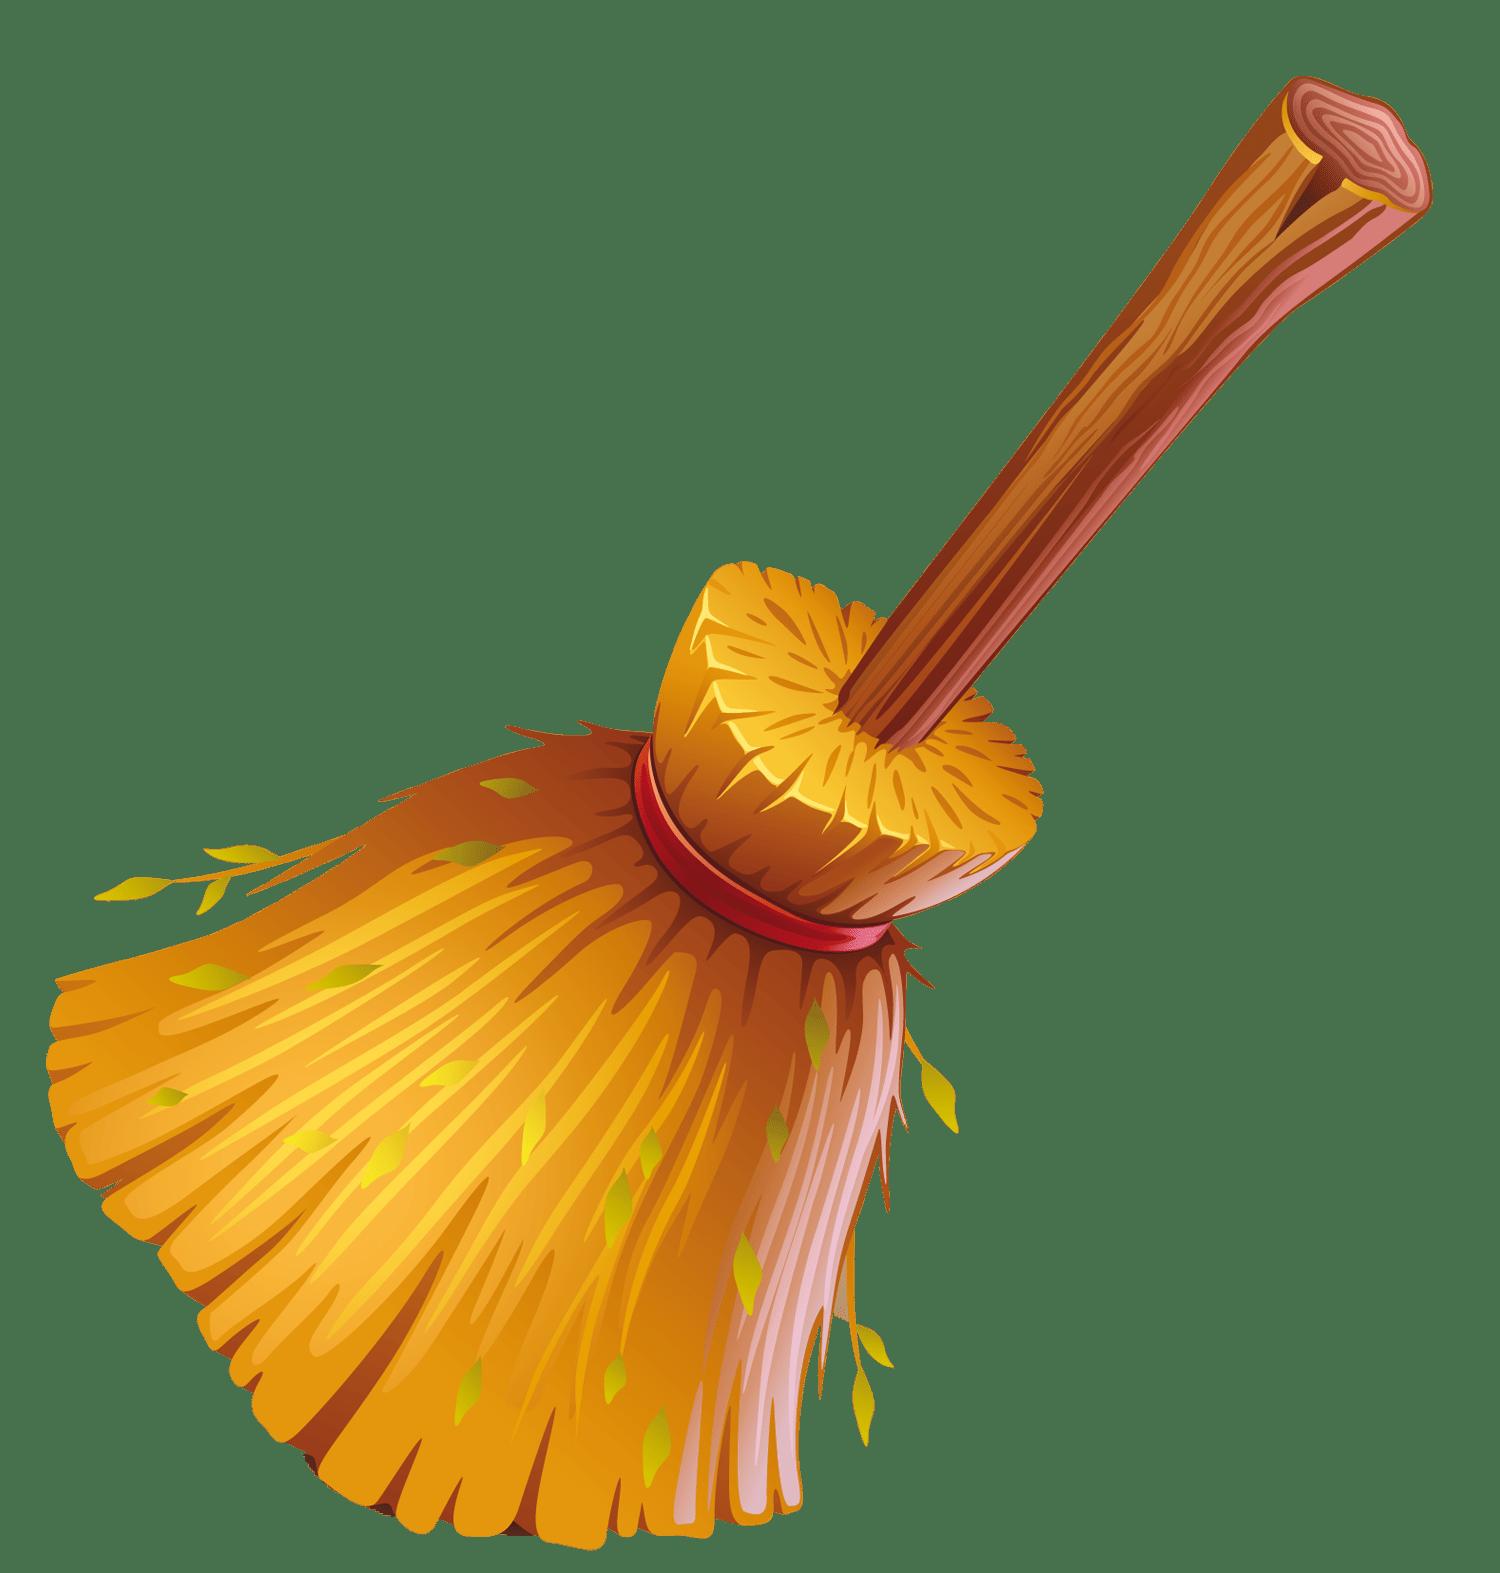 1500x1573 Golden Broom Clipart 1 Ner Tamid